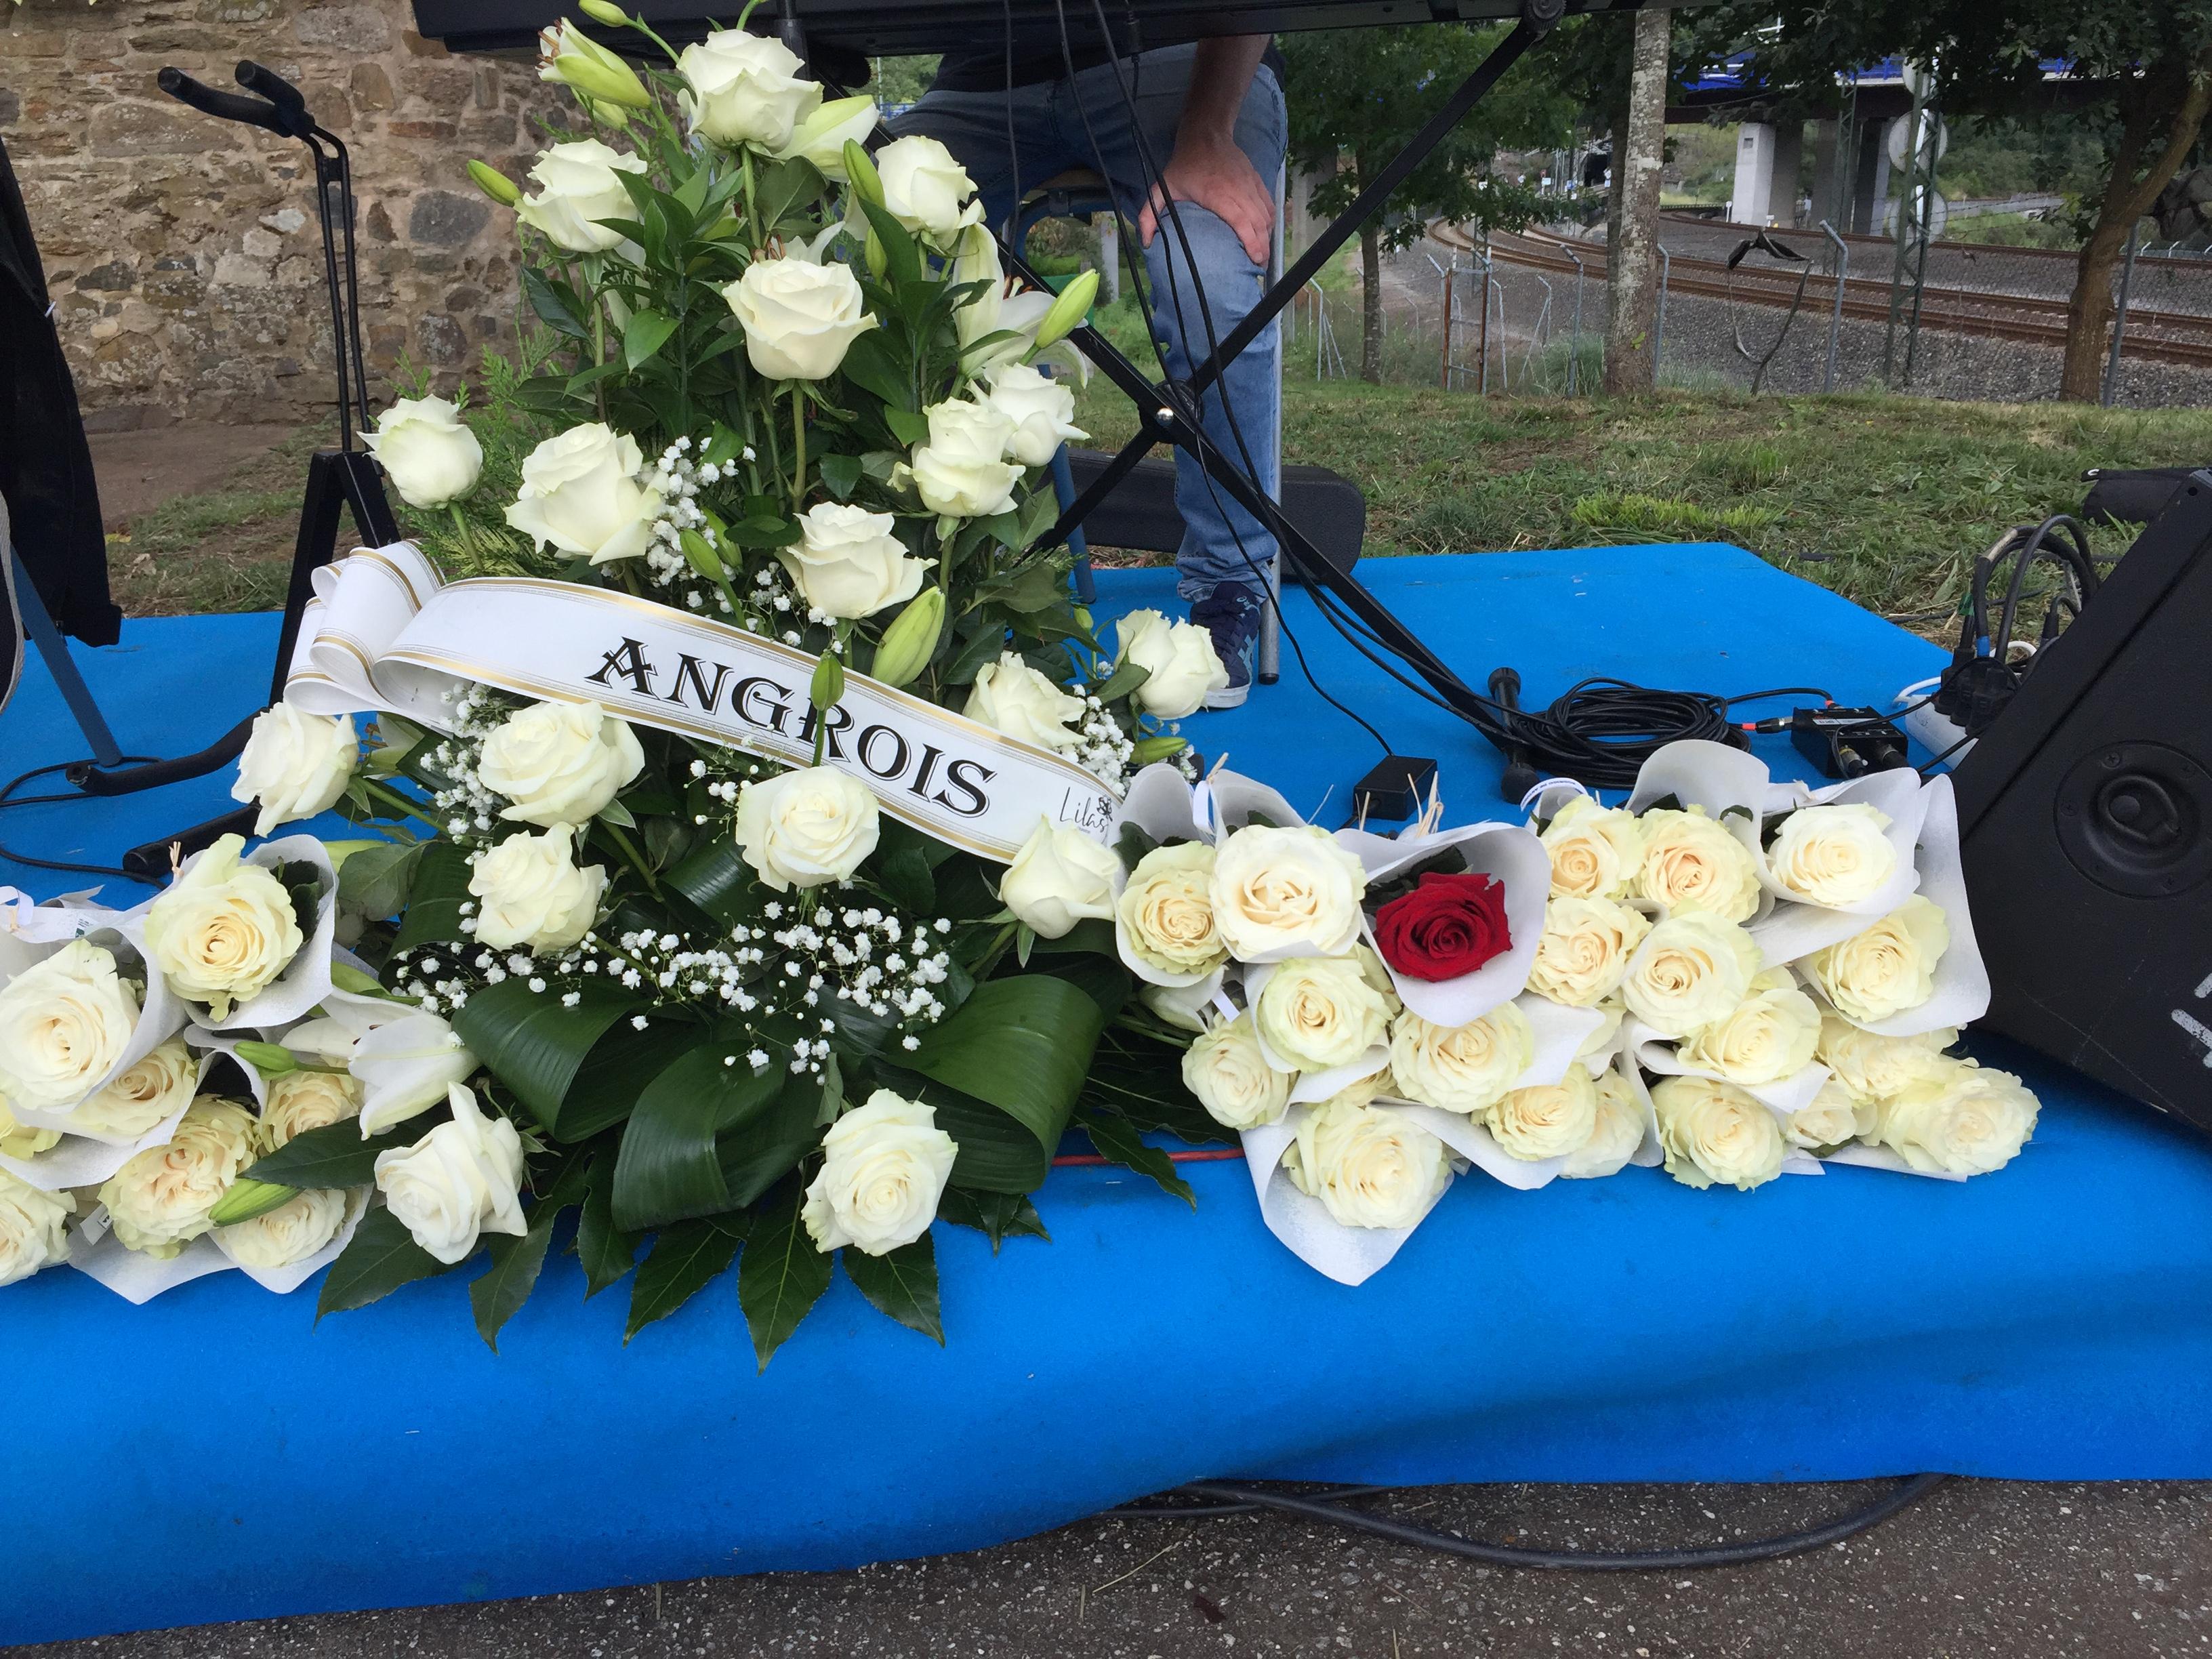 As tradicionais 80 rosas brancas en lembranza das persoas falecidas en Angrois e unha vermella simbolizando as mortes pola COVID-19